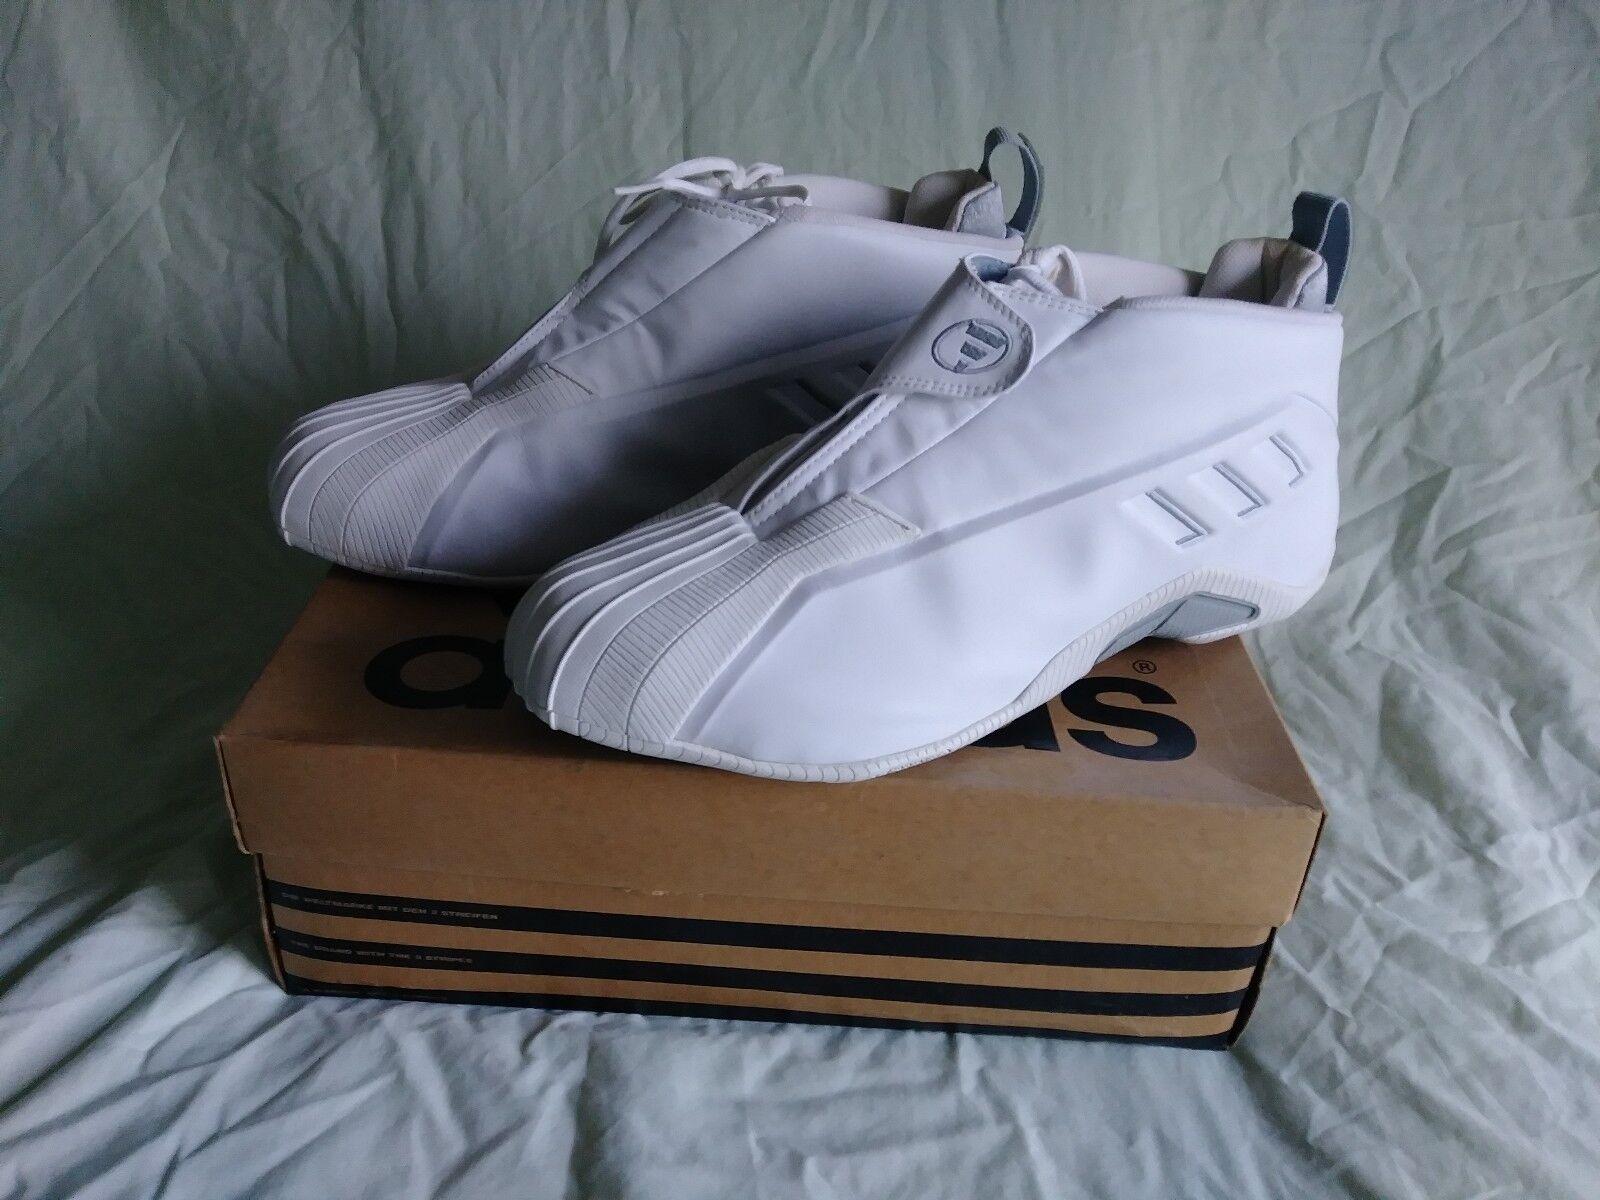 Adidas Zapatillas de cómodos baloncesto hombres blanco hoistin hombres baloncesto 13e6e6